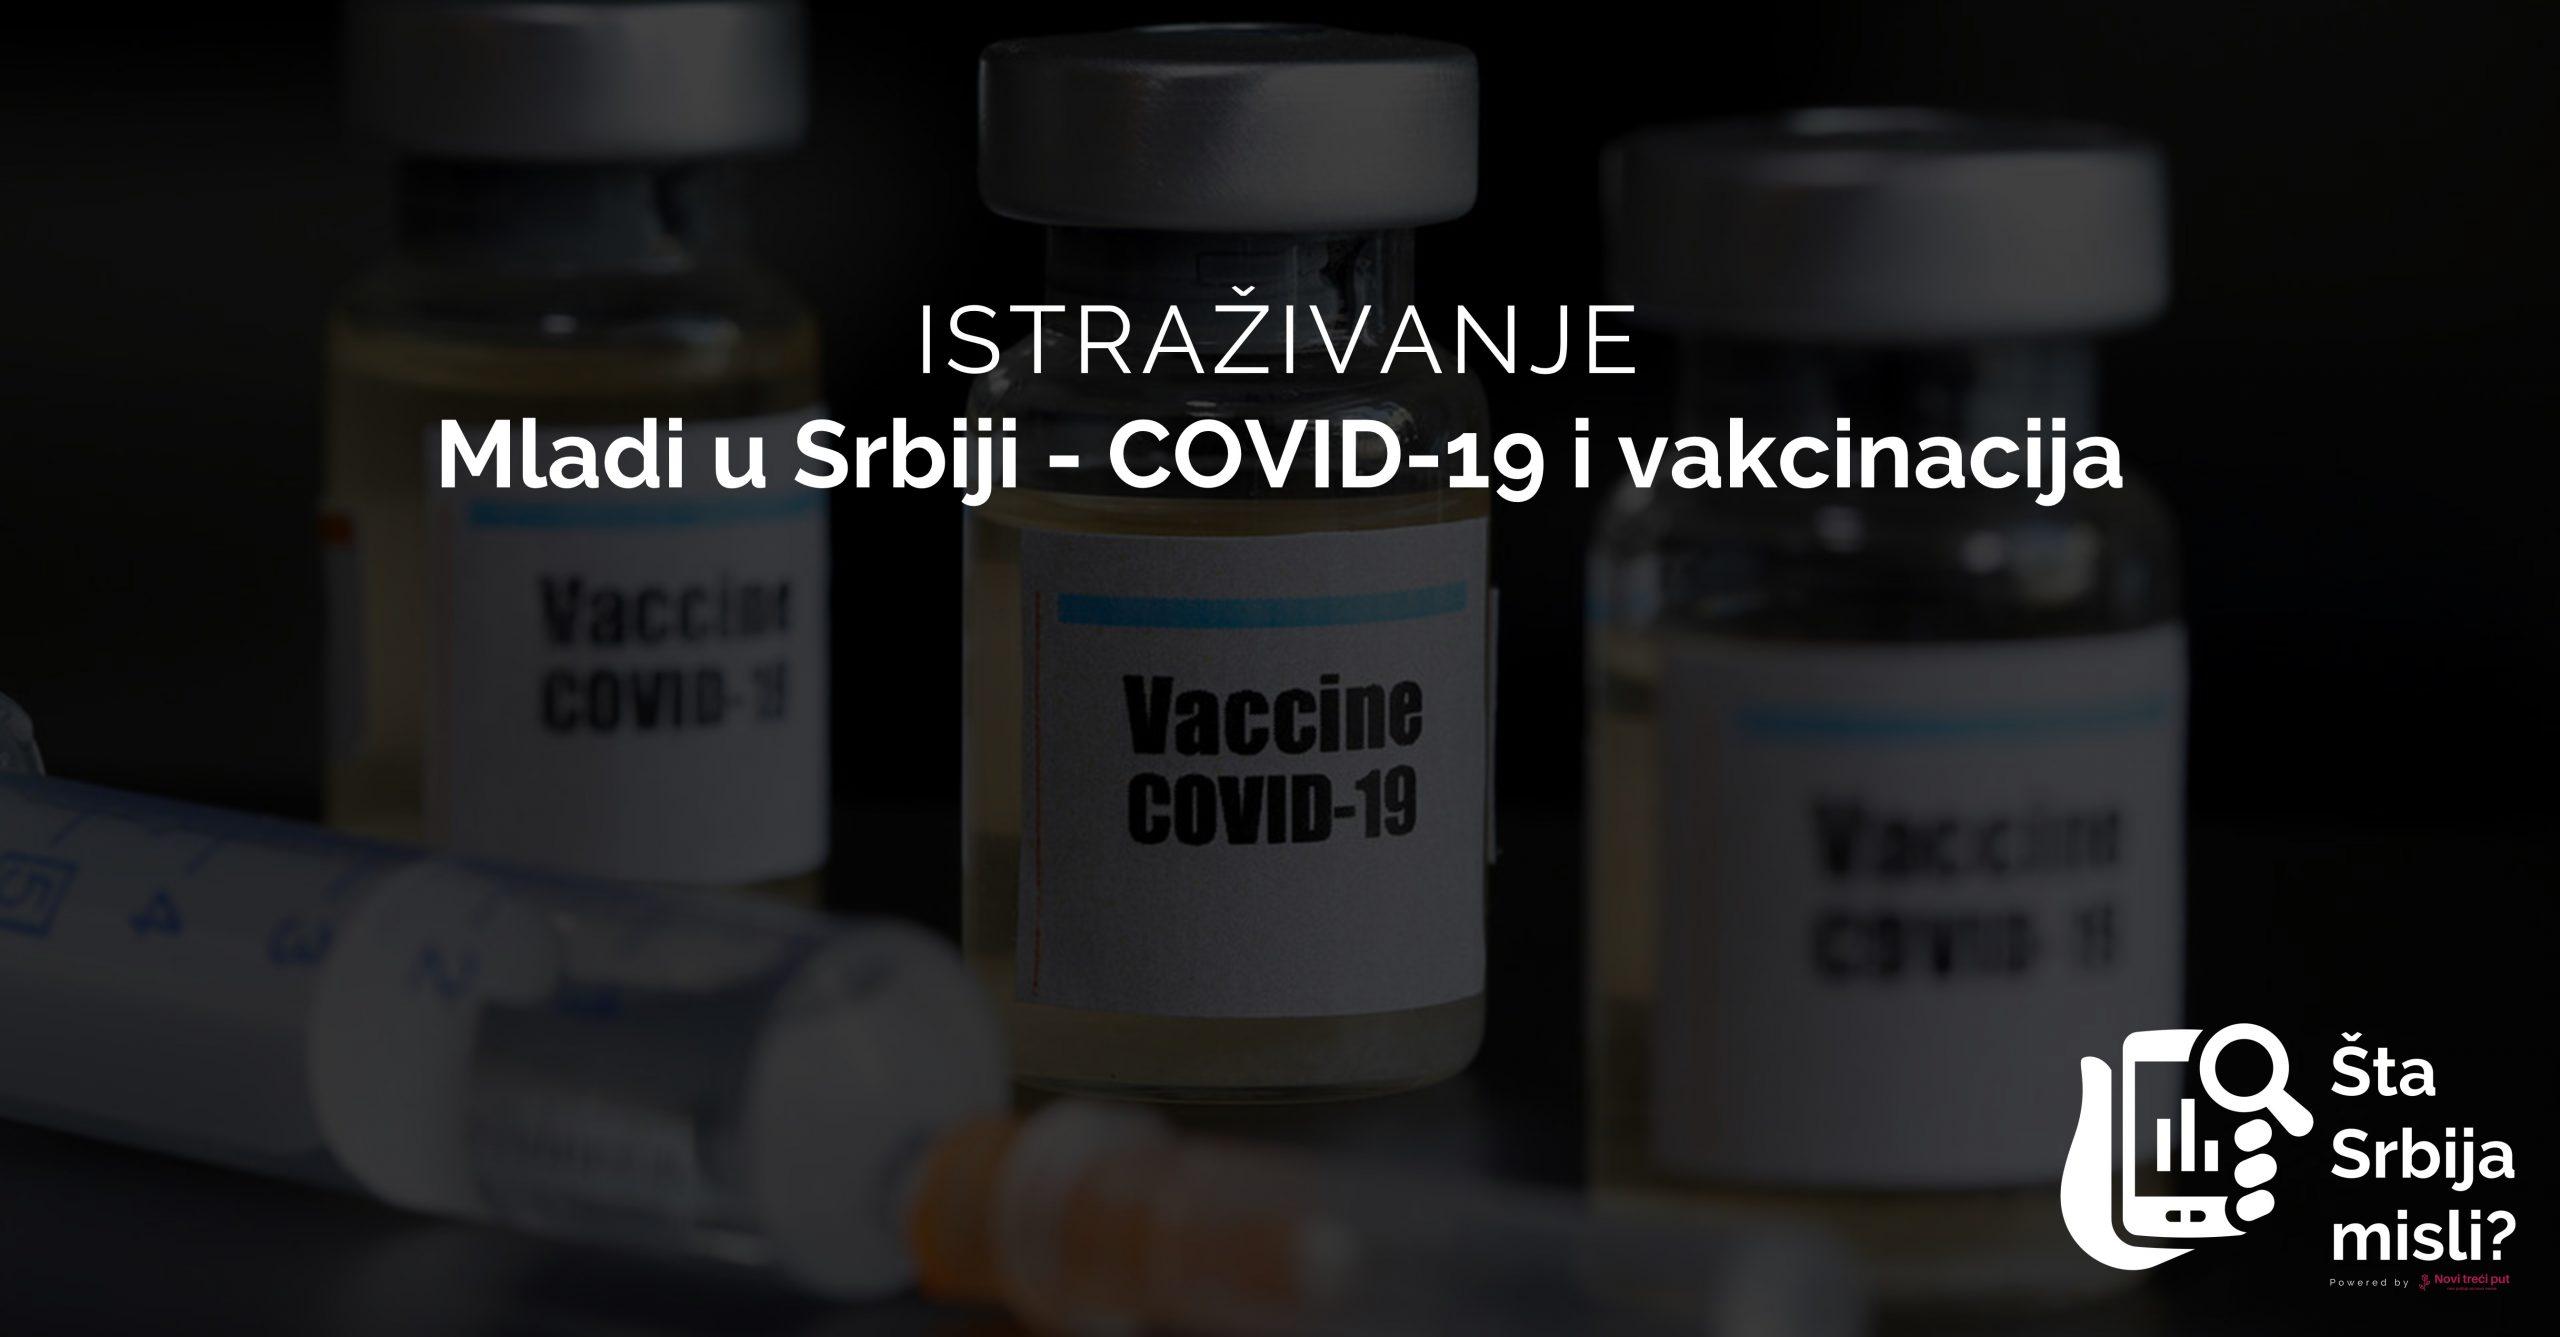 Mladi u Srbiji - COVID-19 i vakcinacija